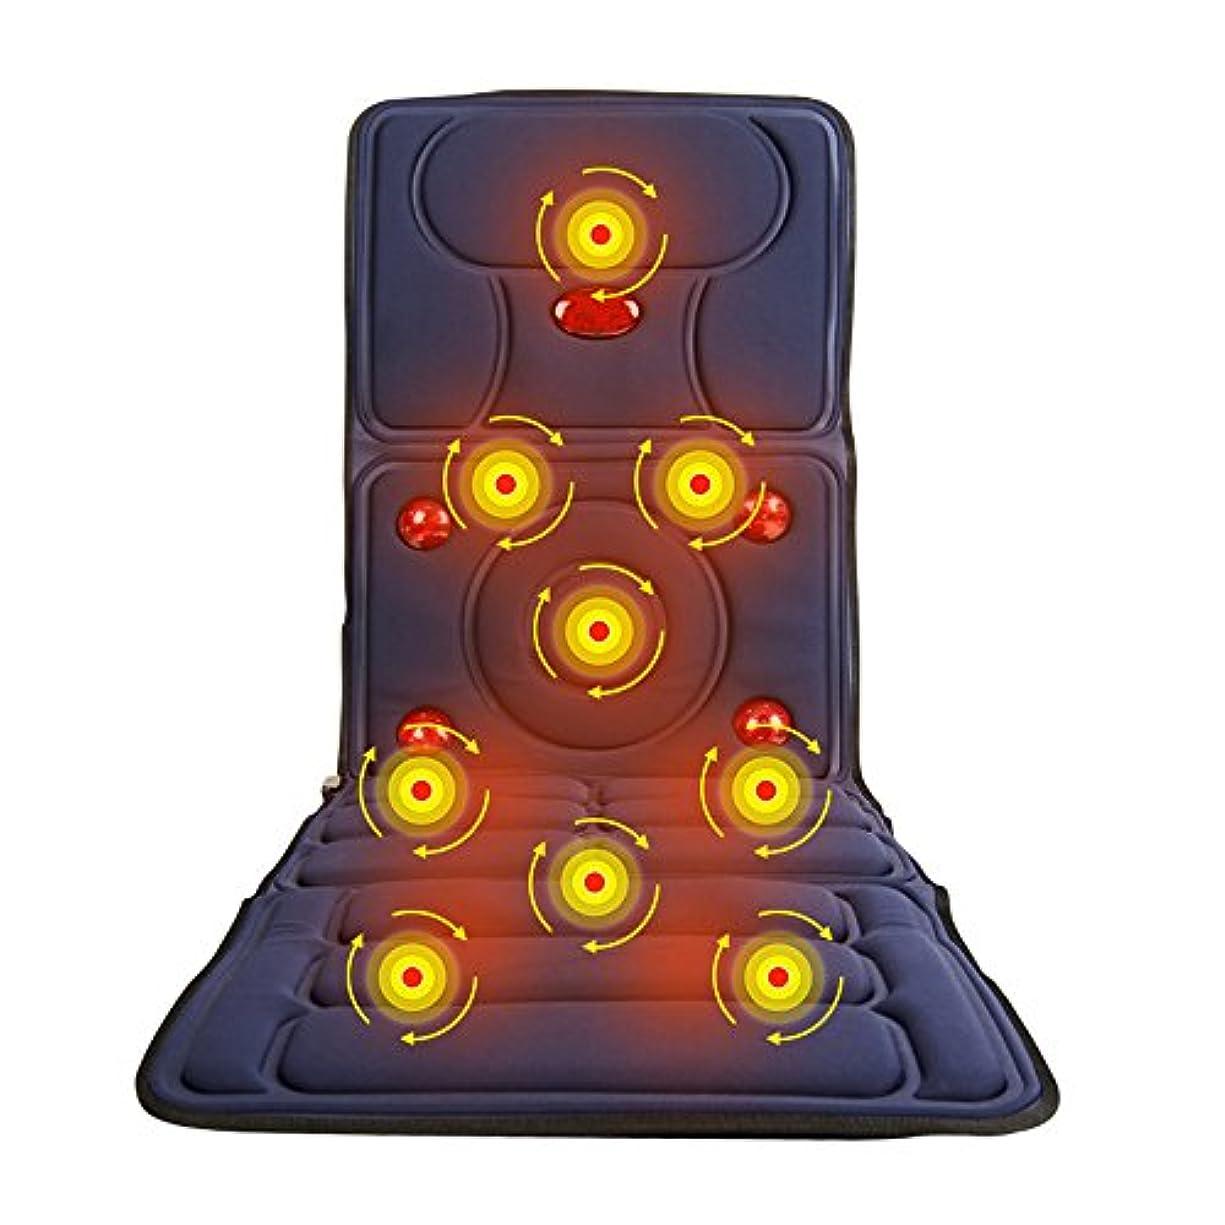 リダクタースケジュール同種のHAIZHEN マッサージチェア フルボディネックウエストショルダーバック用多機能頚椎マッサージパッドホームマッサージマットレスクッションクッション